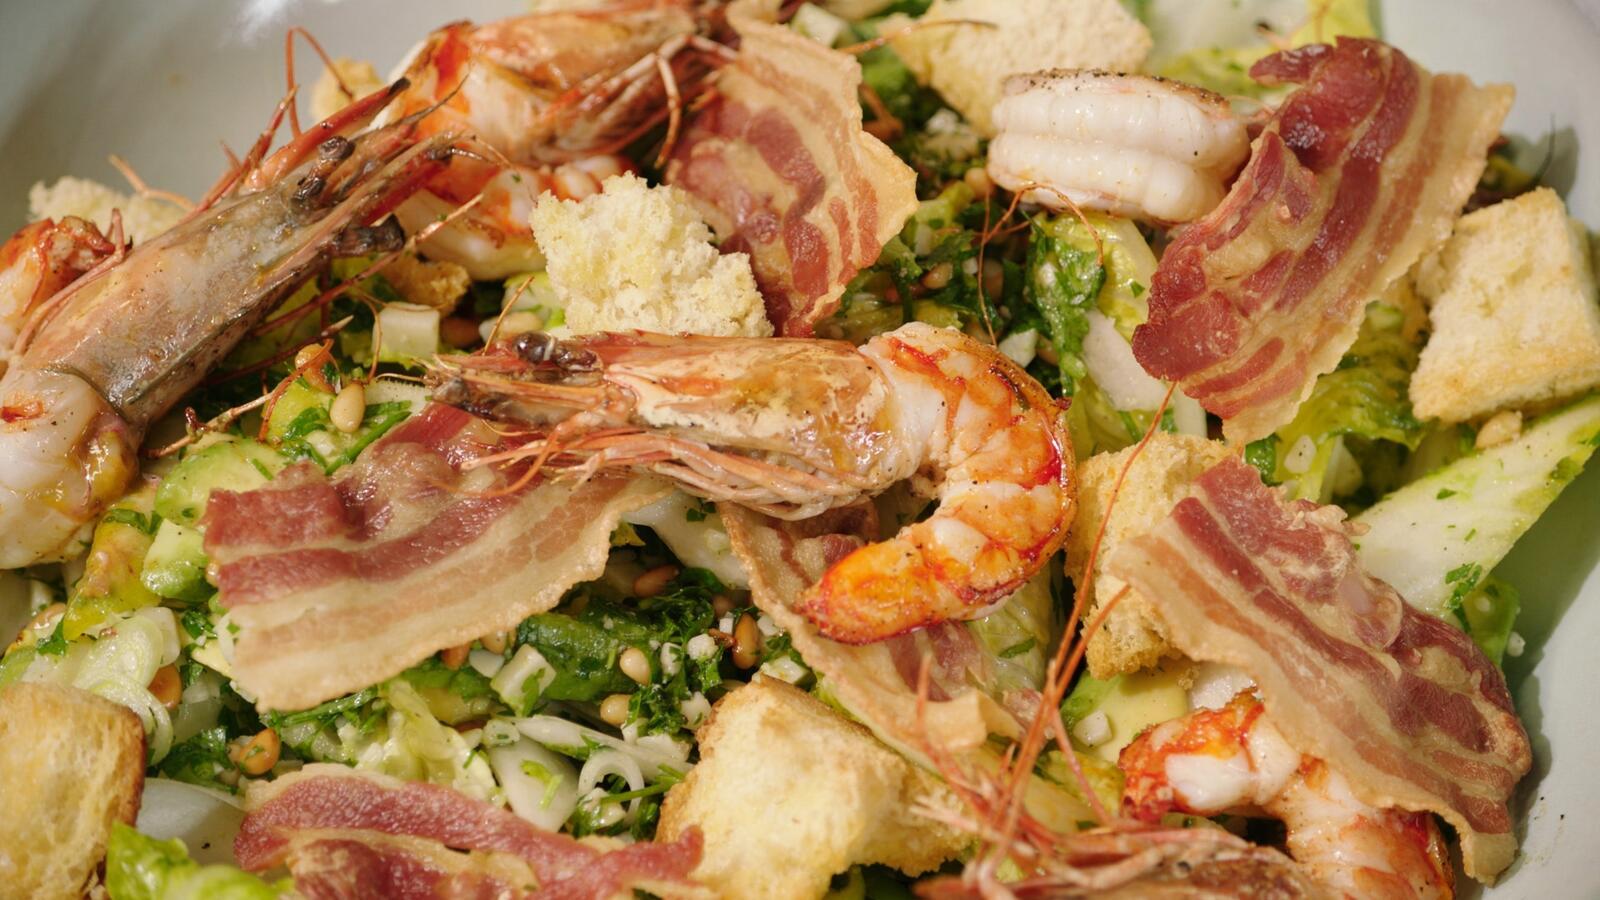 Salade met witloof, gamba's en spek, pesto van peterselie en pijnboompitten